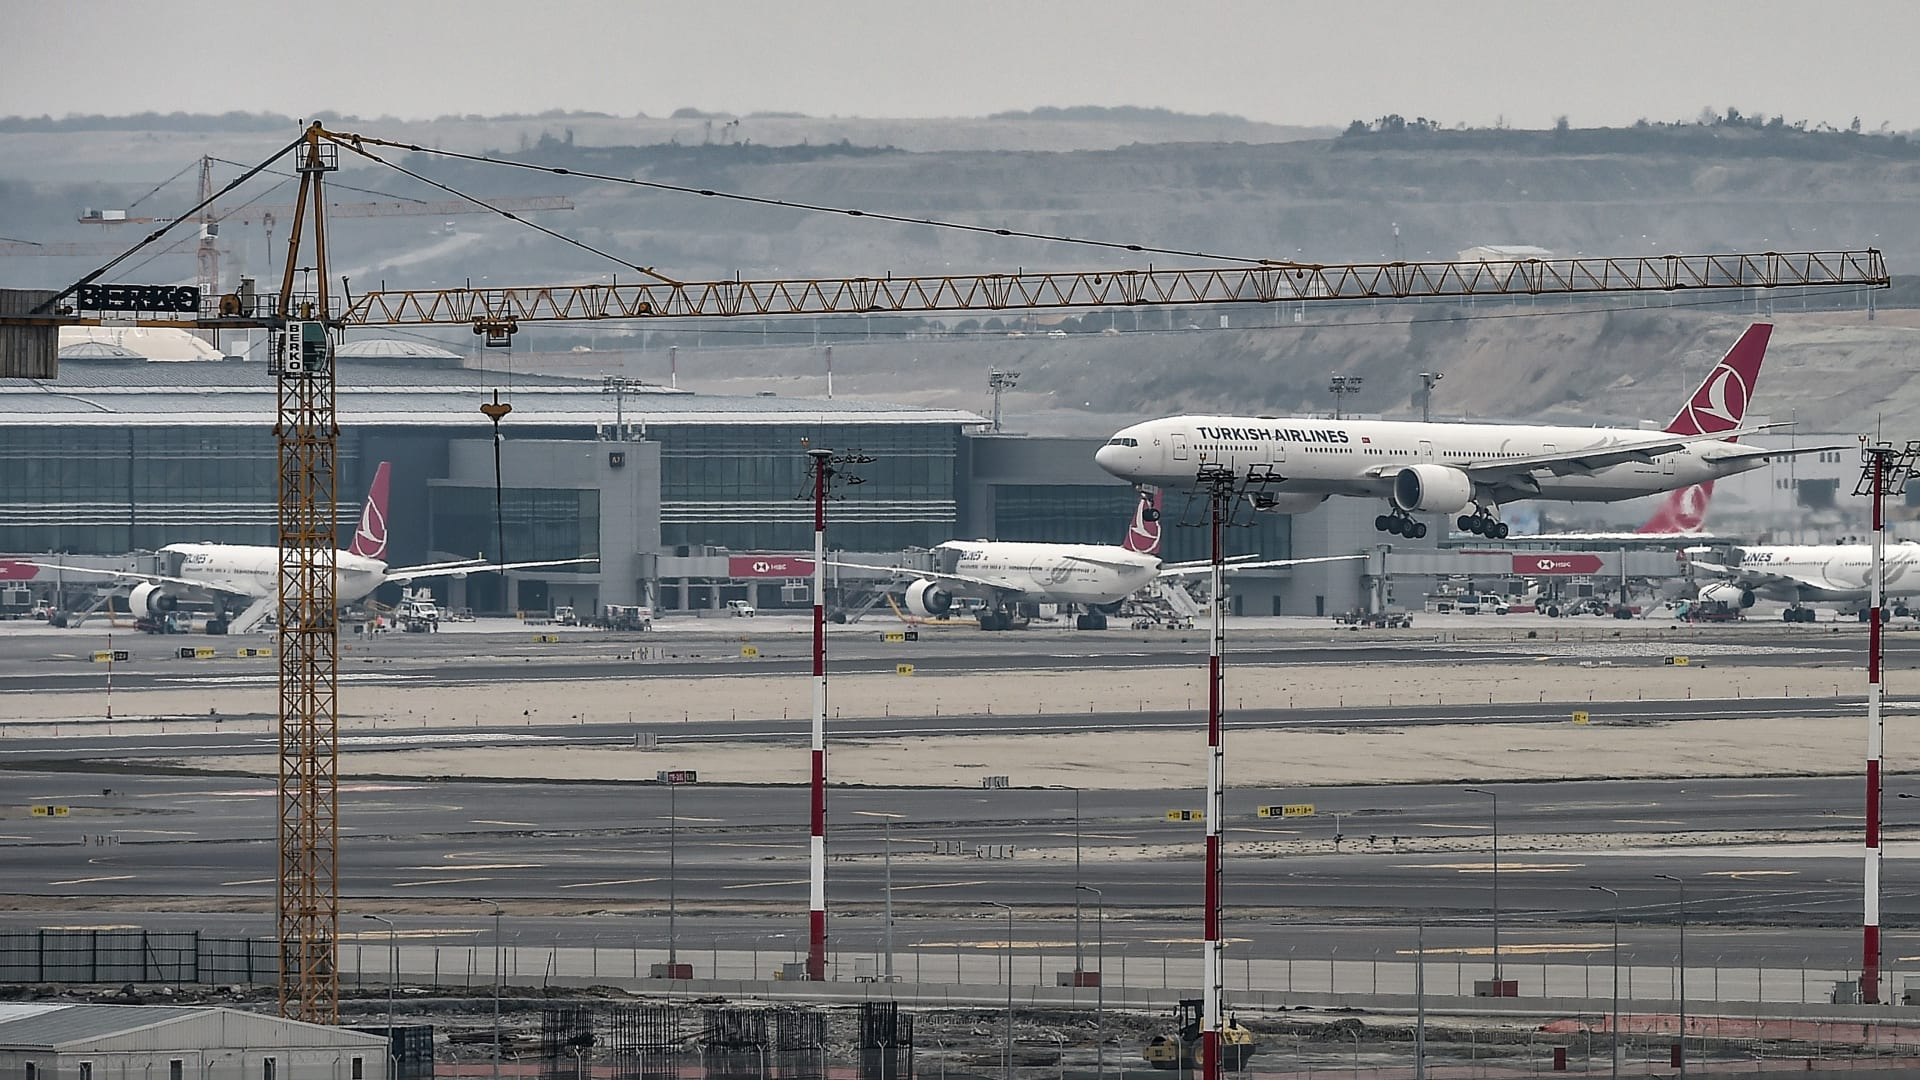 شركة طيران إسرائيلية تعلن وصول رحلة ركاب إلى تركيا لأول مرة منذ 10 سنوات